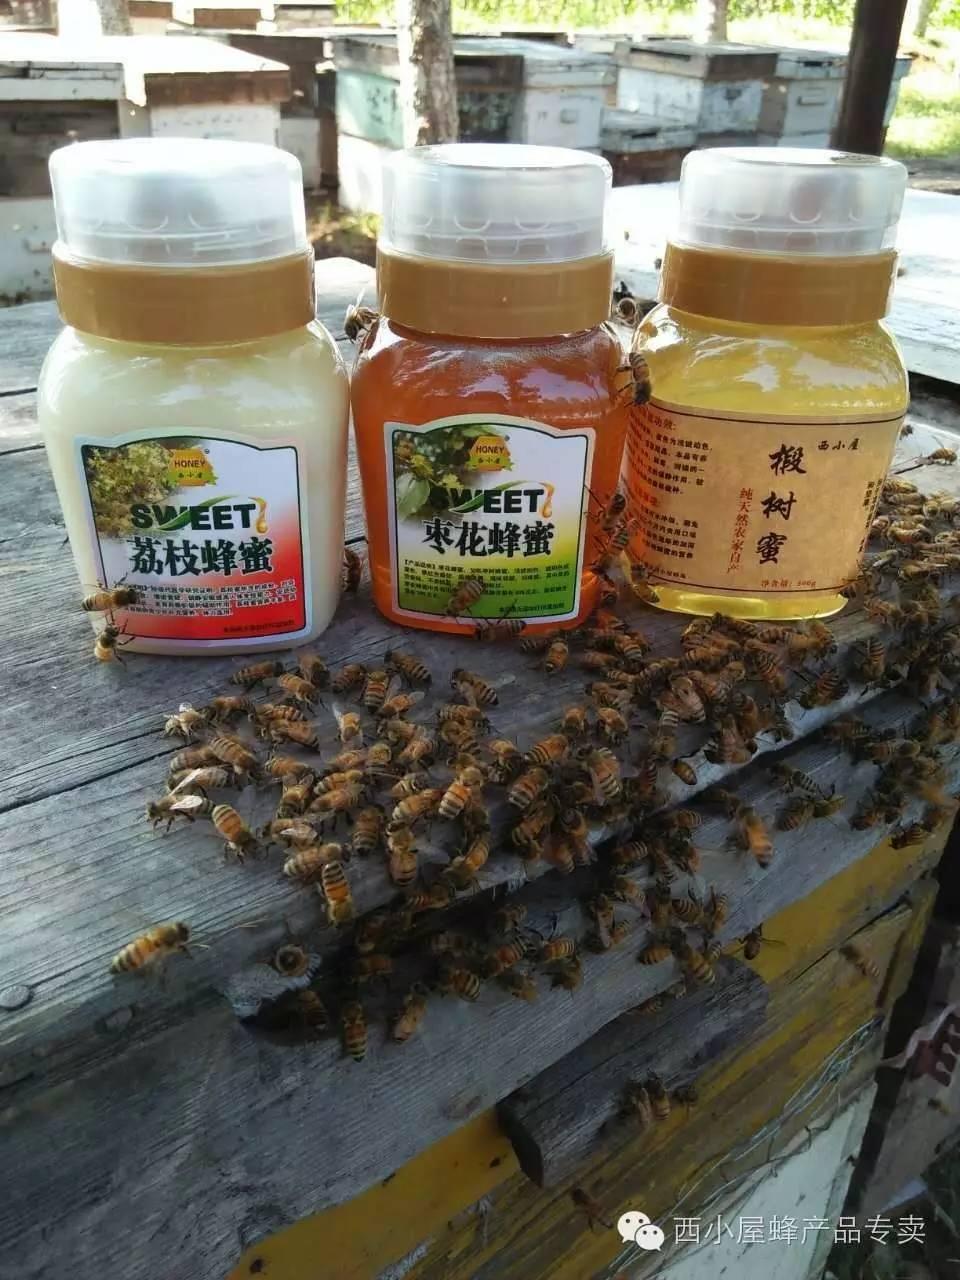 蜂蜜与铁 科益康蜂蜜酒 九峰堂蜂蜜 抹了蜂蜜呀 123蜂蜜